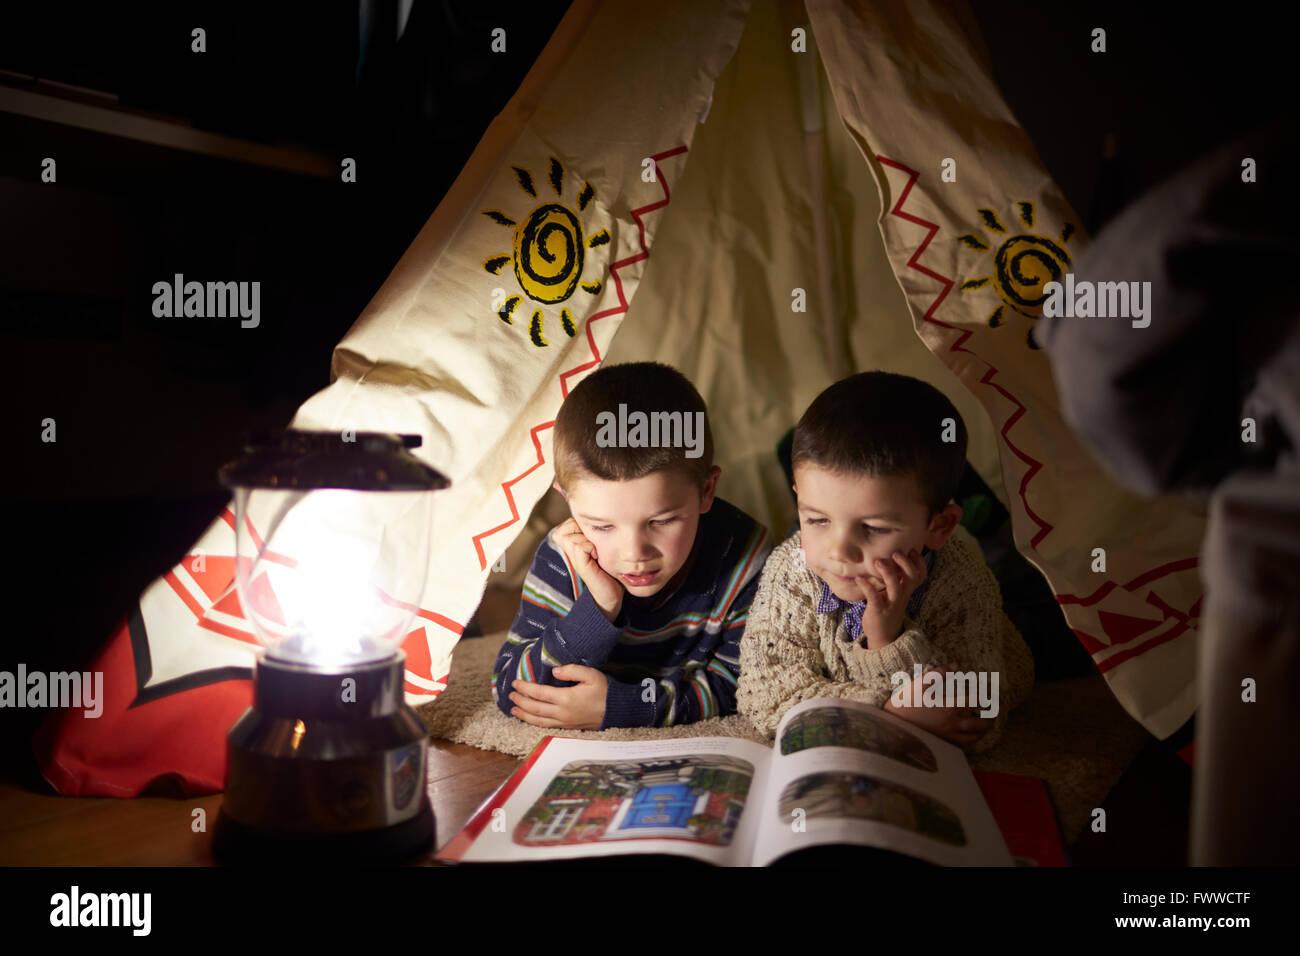 Deux jeunes garçons de la lecture à l'intérieur de tente installée à l'intérieur Photo Stock